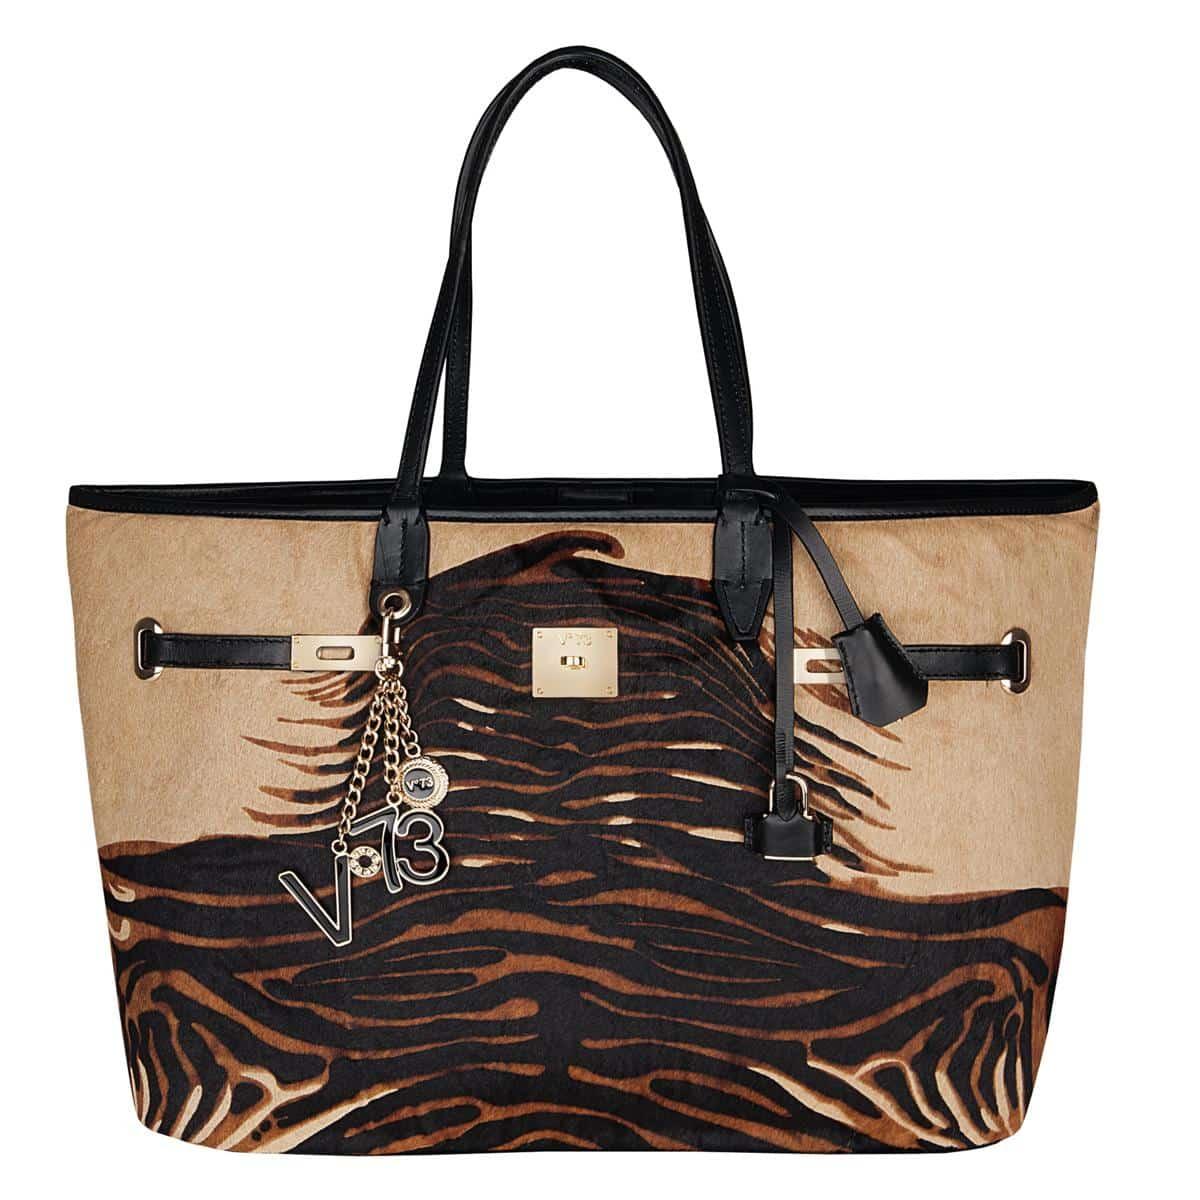 V73 Cruise Animalier tiger 365.00 euro